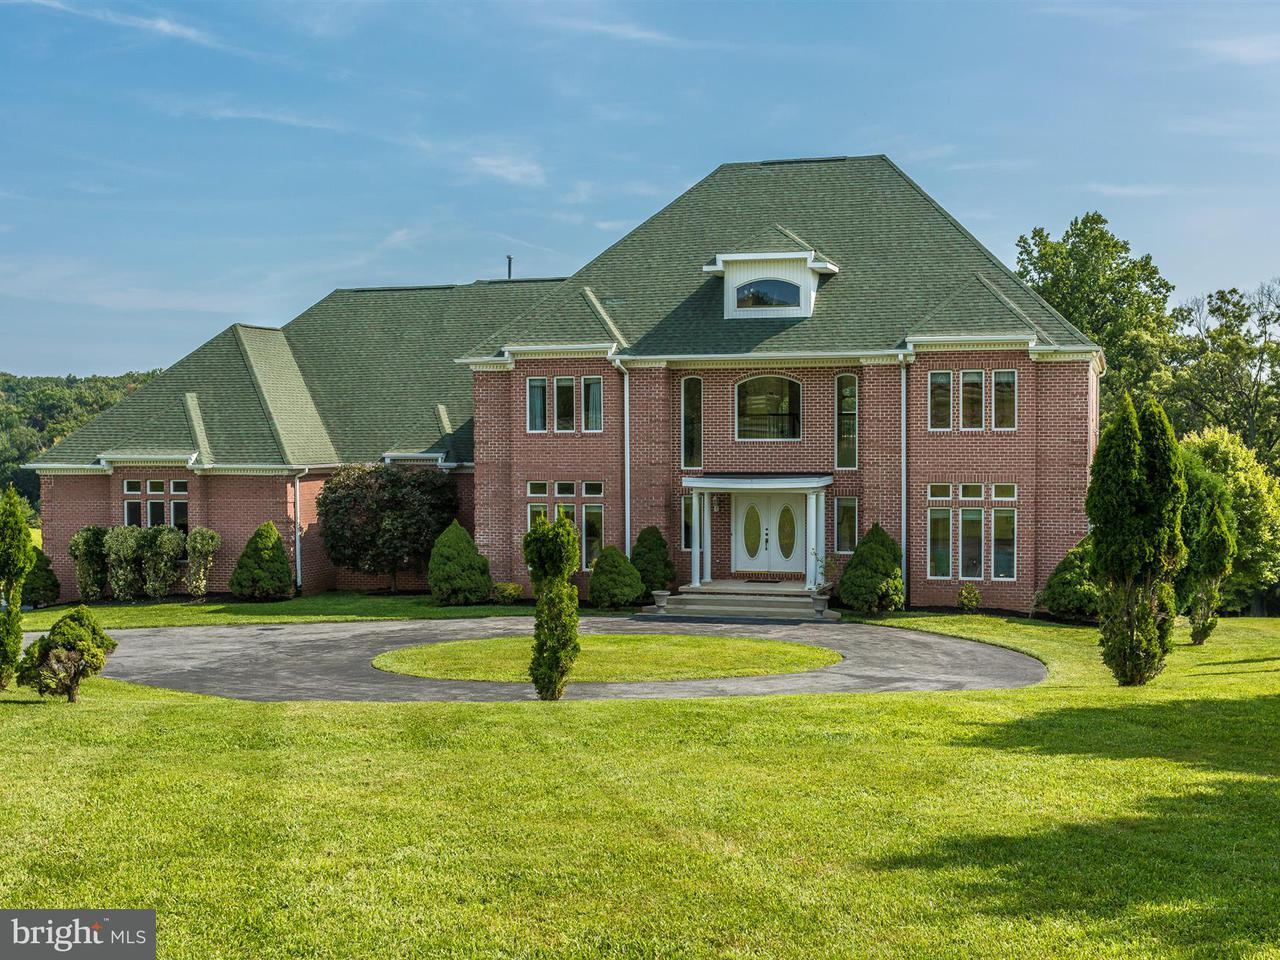 Casa Unifamiliar por un Venta en 21001 SUGAR RIDGE TER 21001 SUGAR RIDGE TER Boyds, Maryland 20841 Estados Unidos